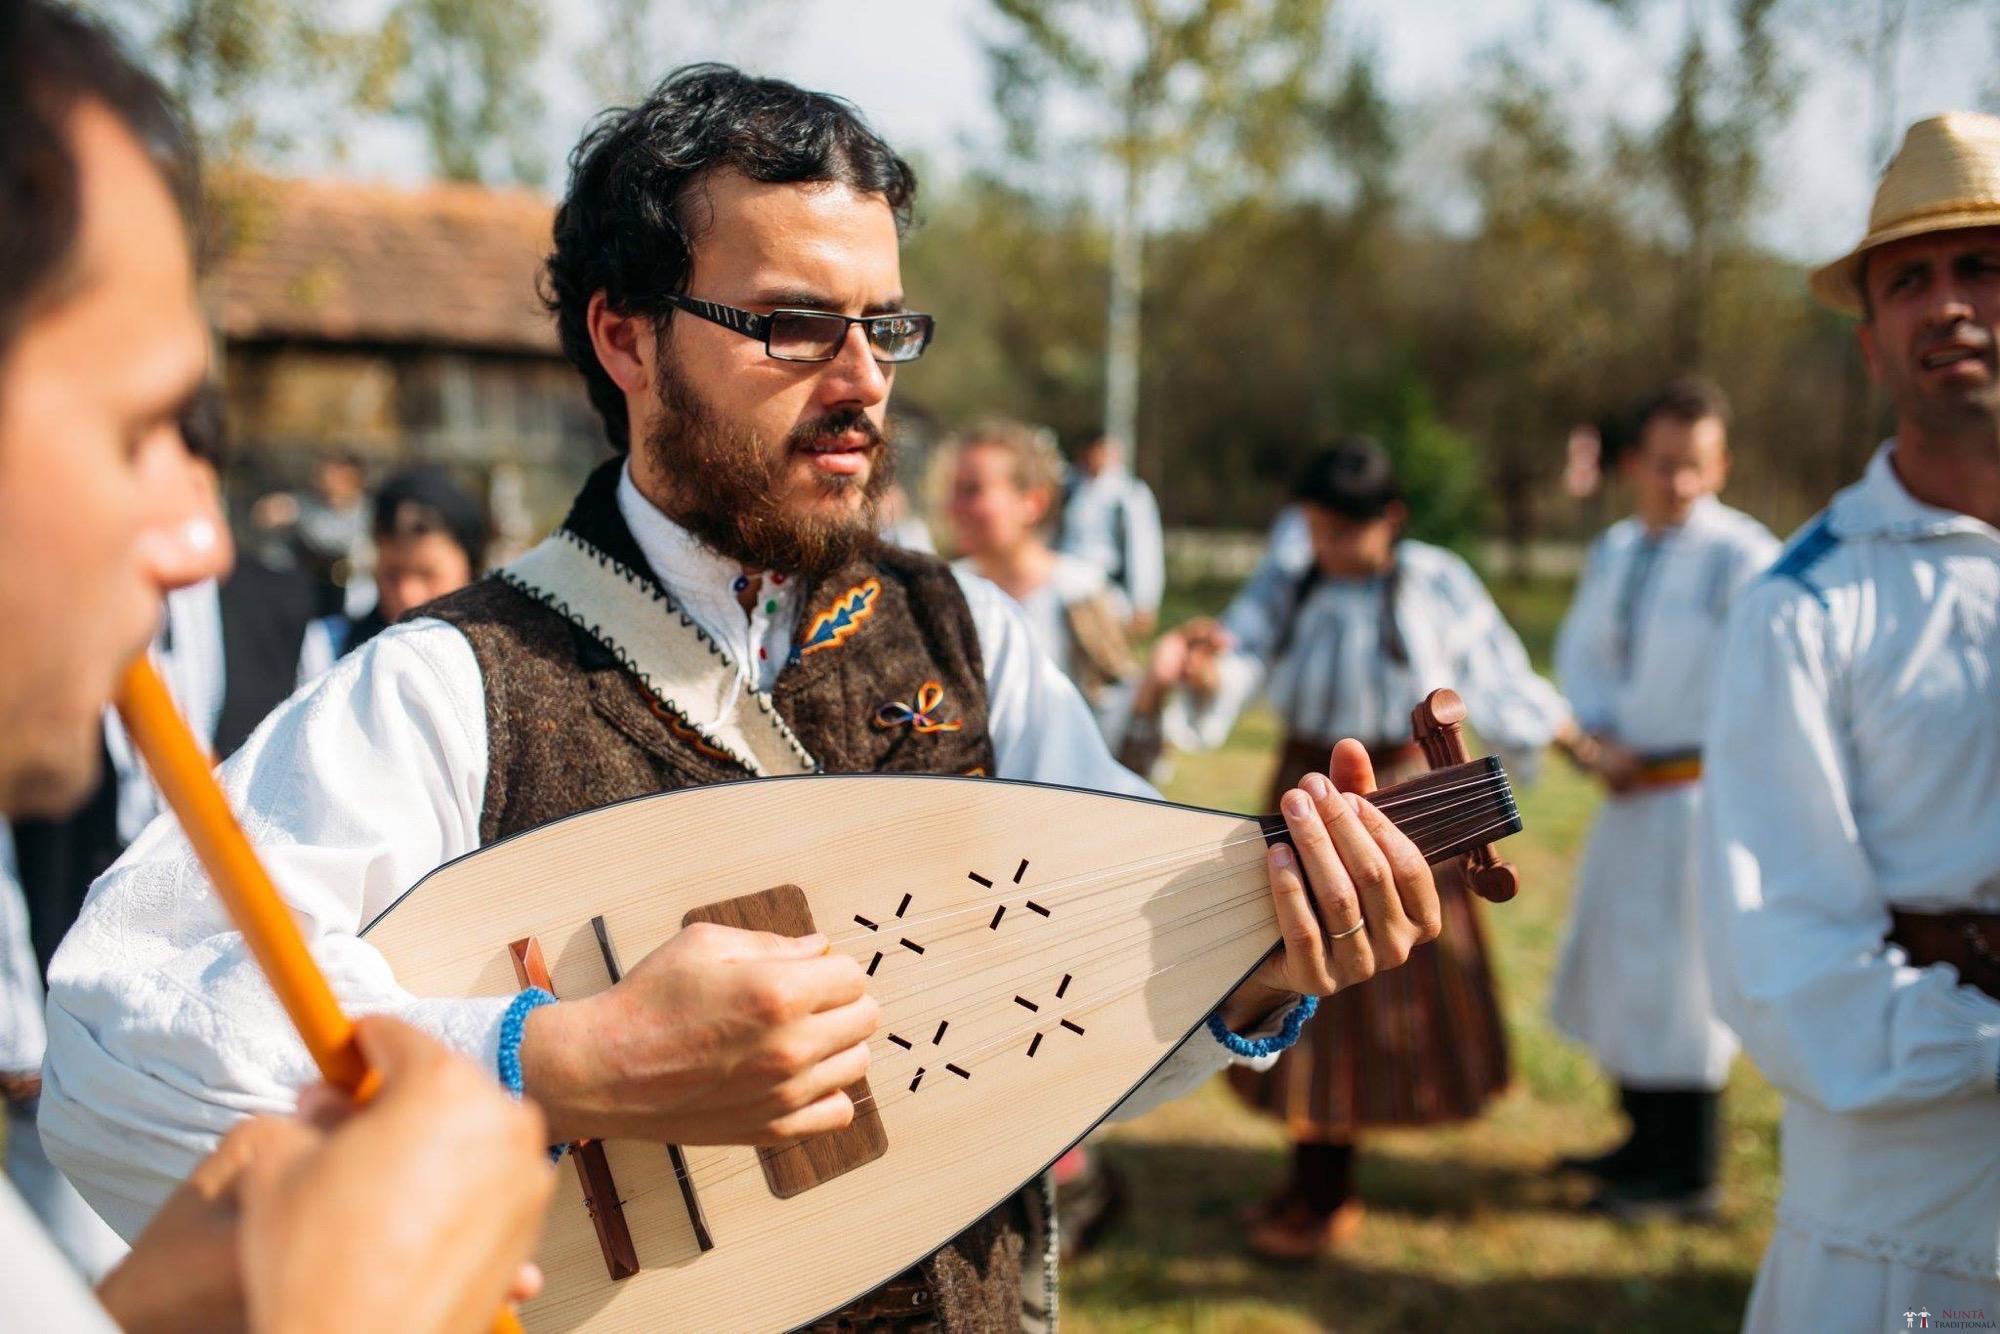 Povești Nunți Tradiționale - Andreea și Sergiu. Nuntă tradițională în Alba-Iulia 5